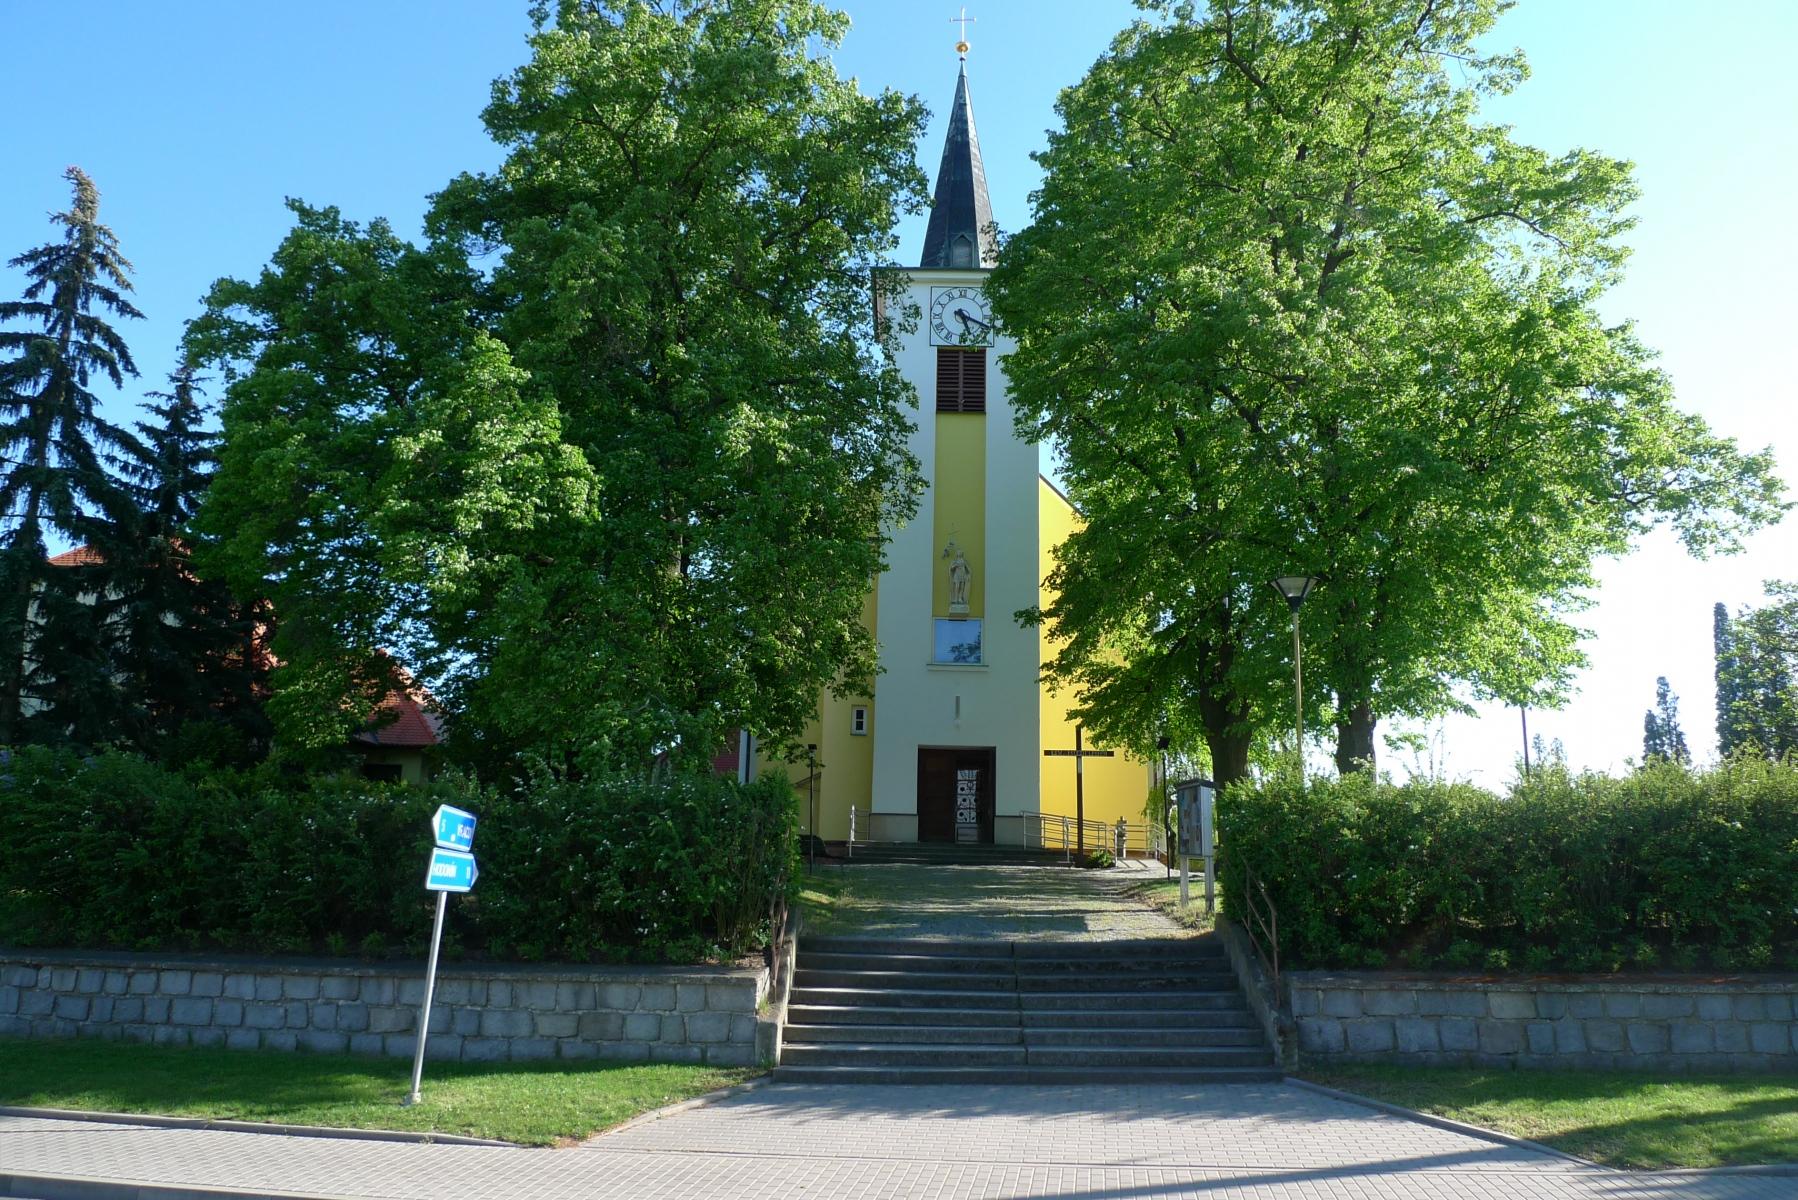 Kostel-a-okolí-81